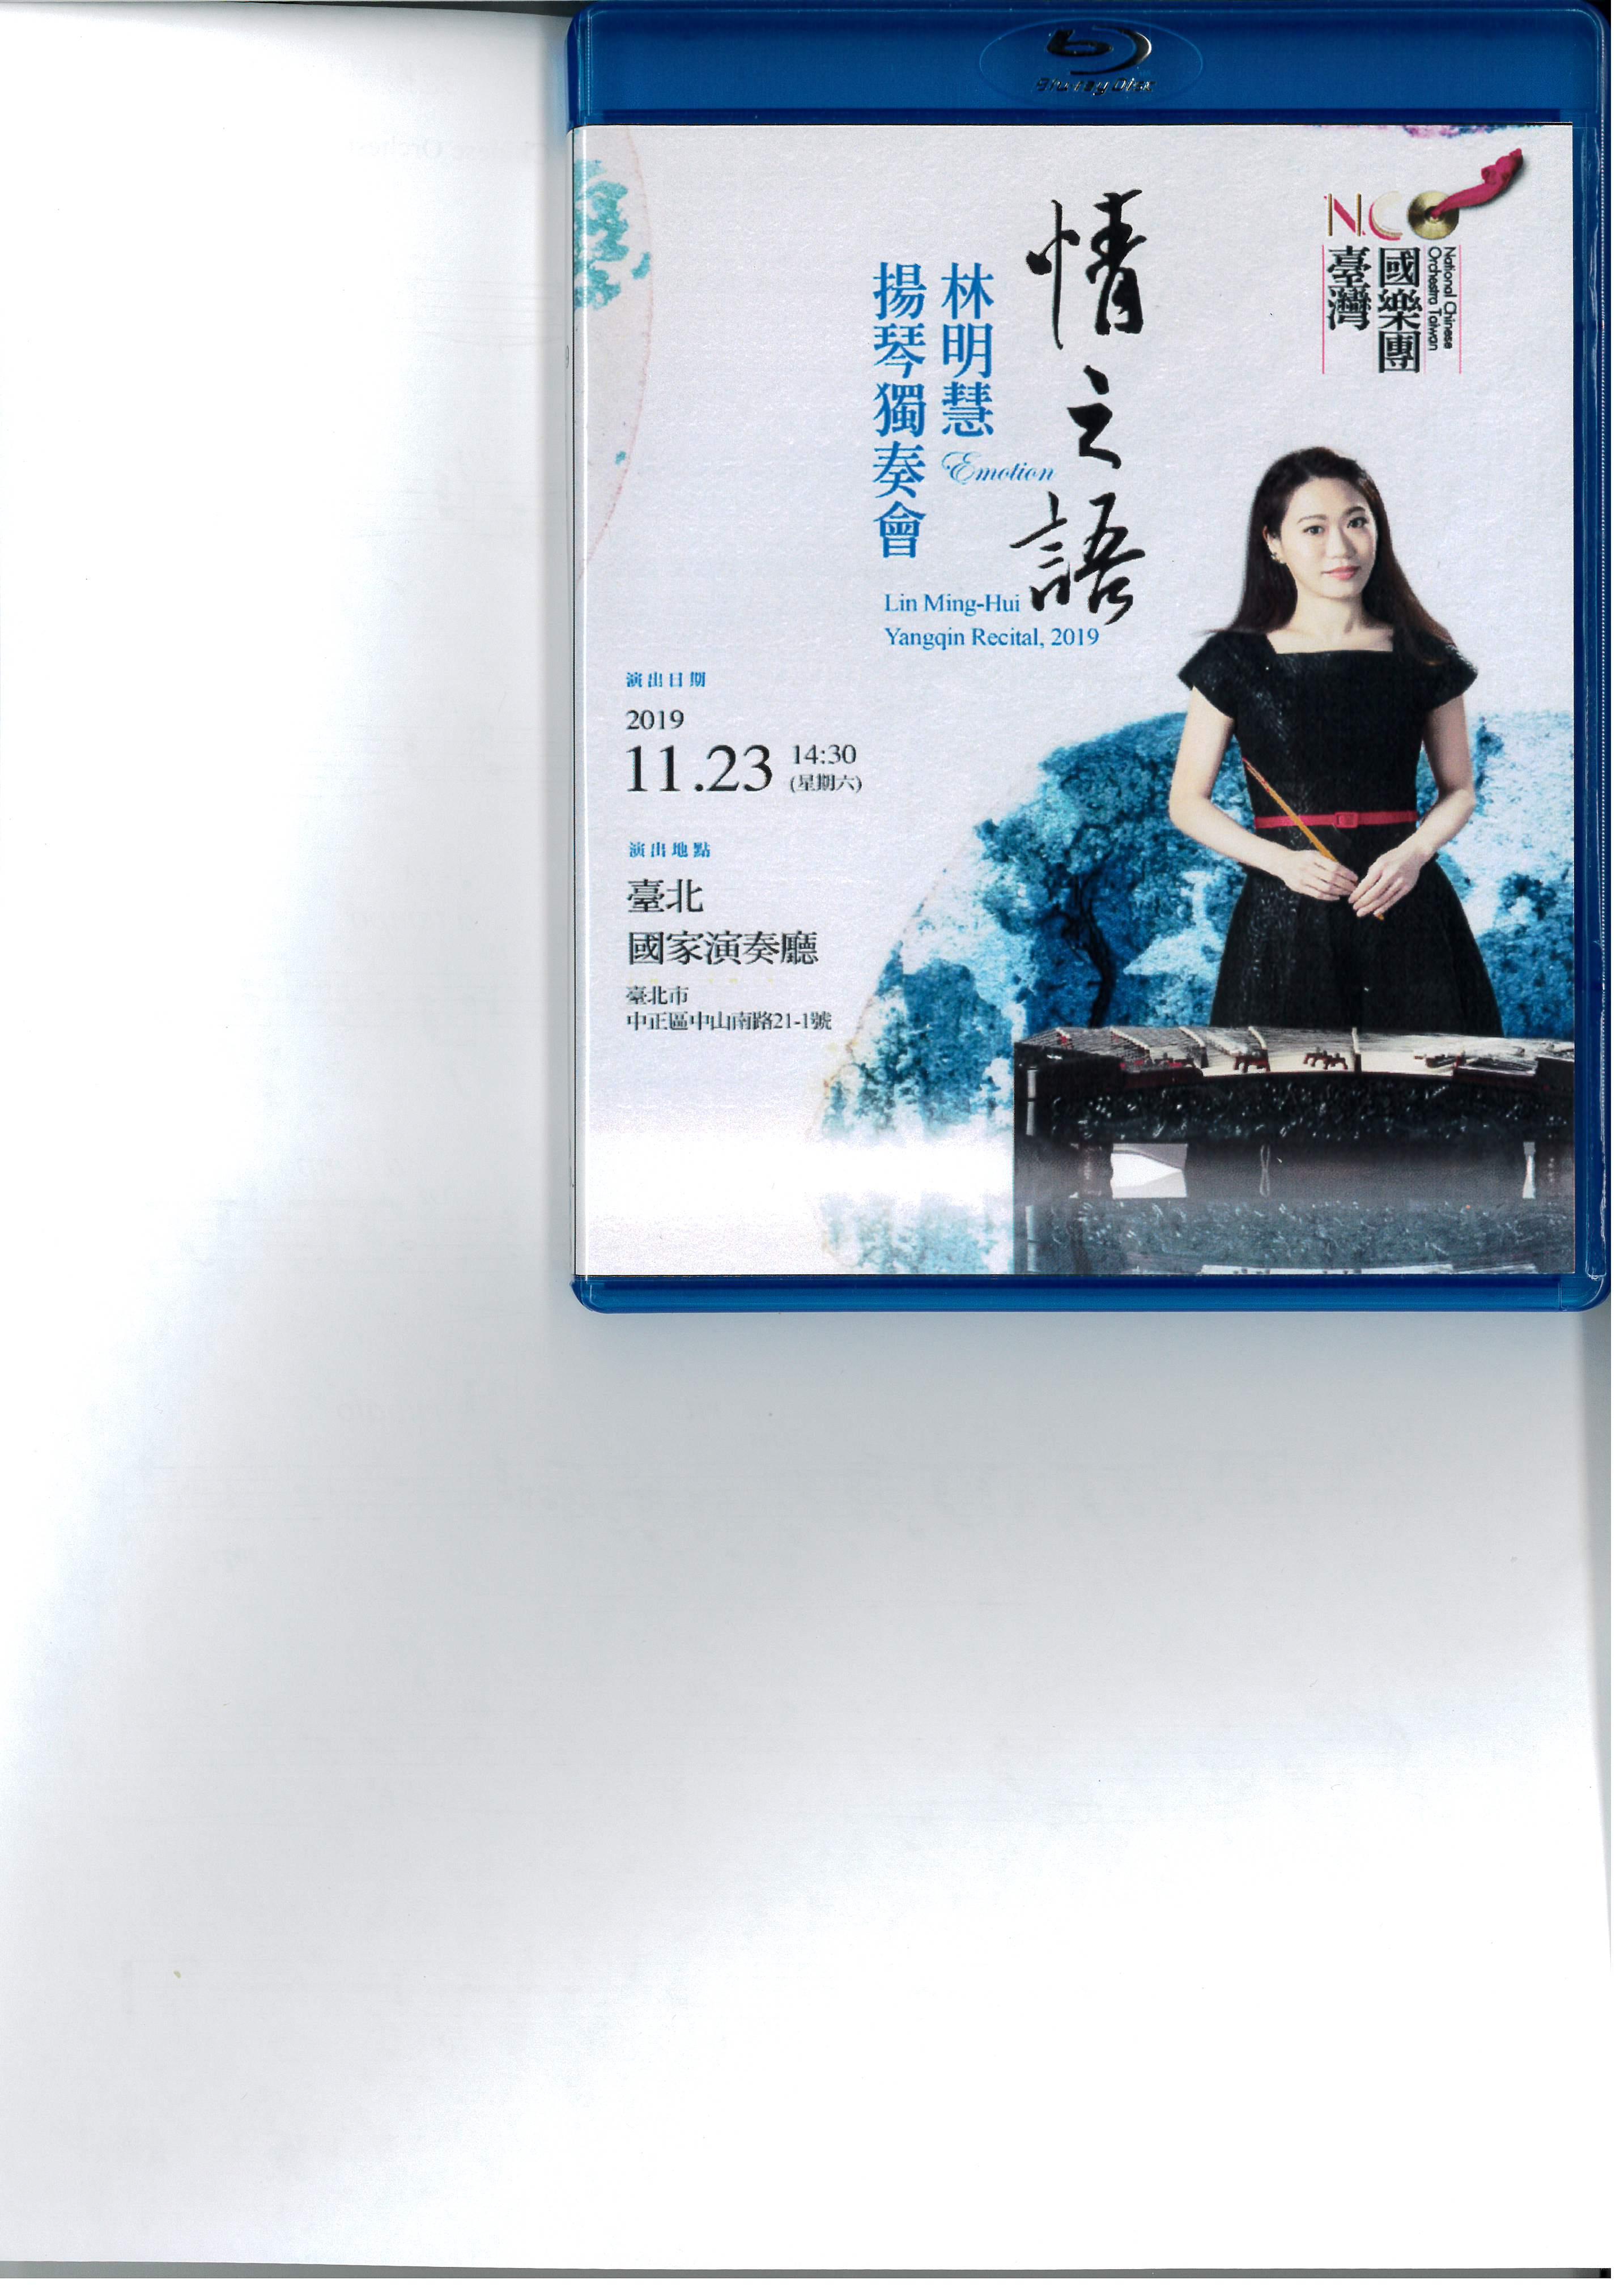 2019 臺灣國樂團 【情之語】 林明慧揚琴獨奏會 《天山戀歌》